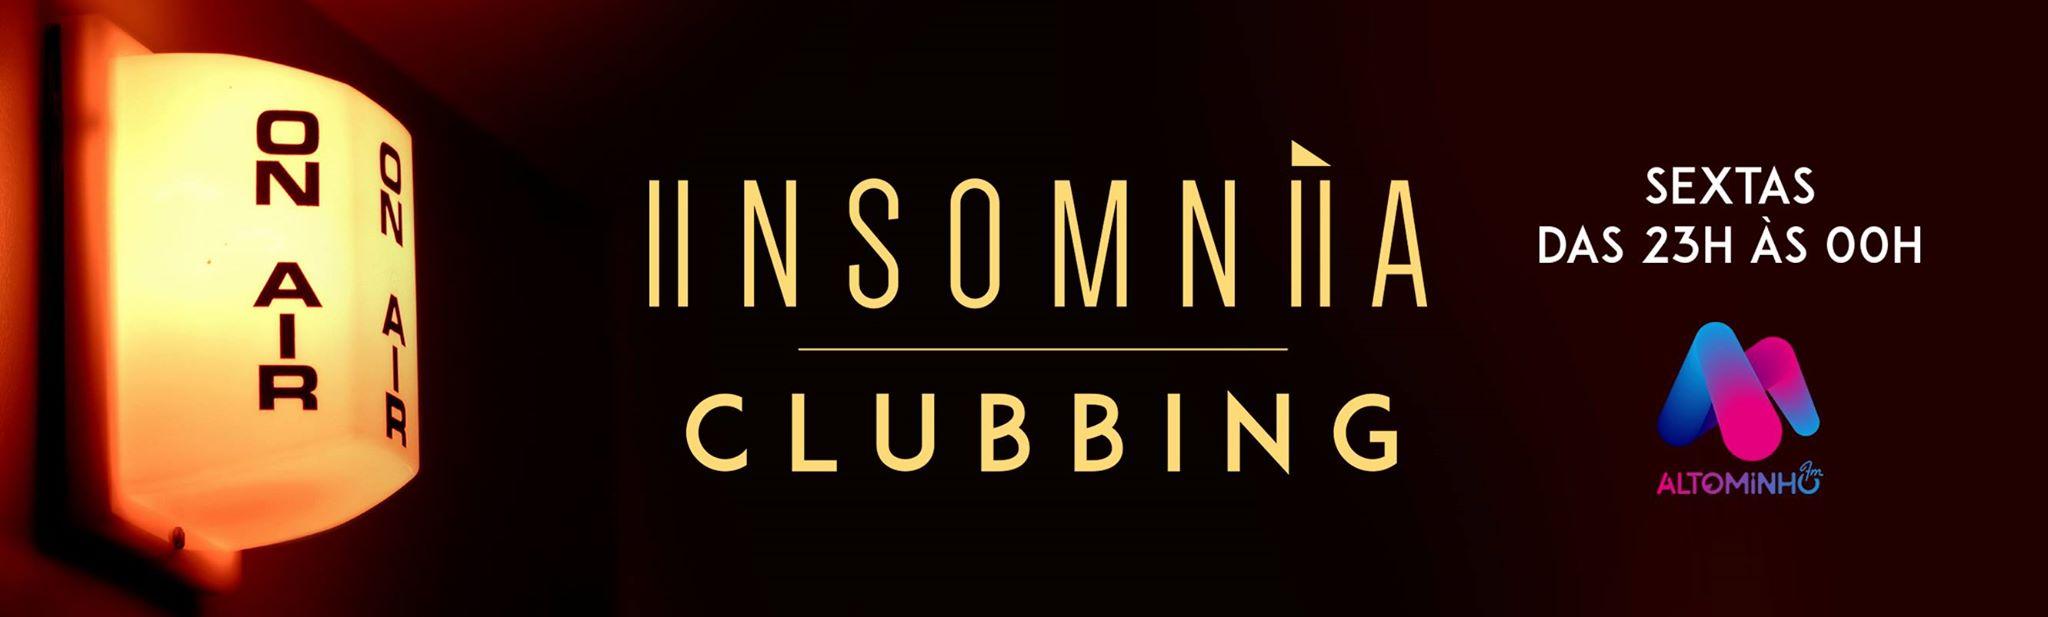 CLUBBING-INSOMNIA-02